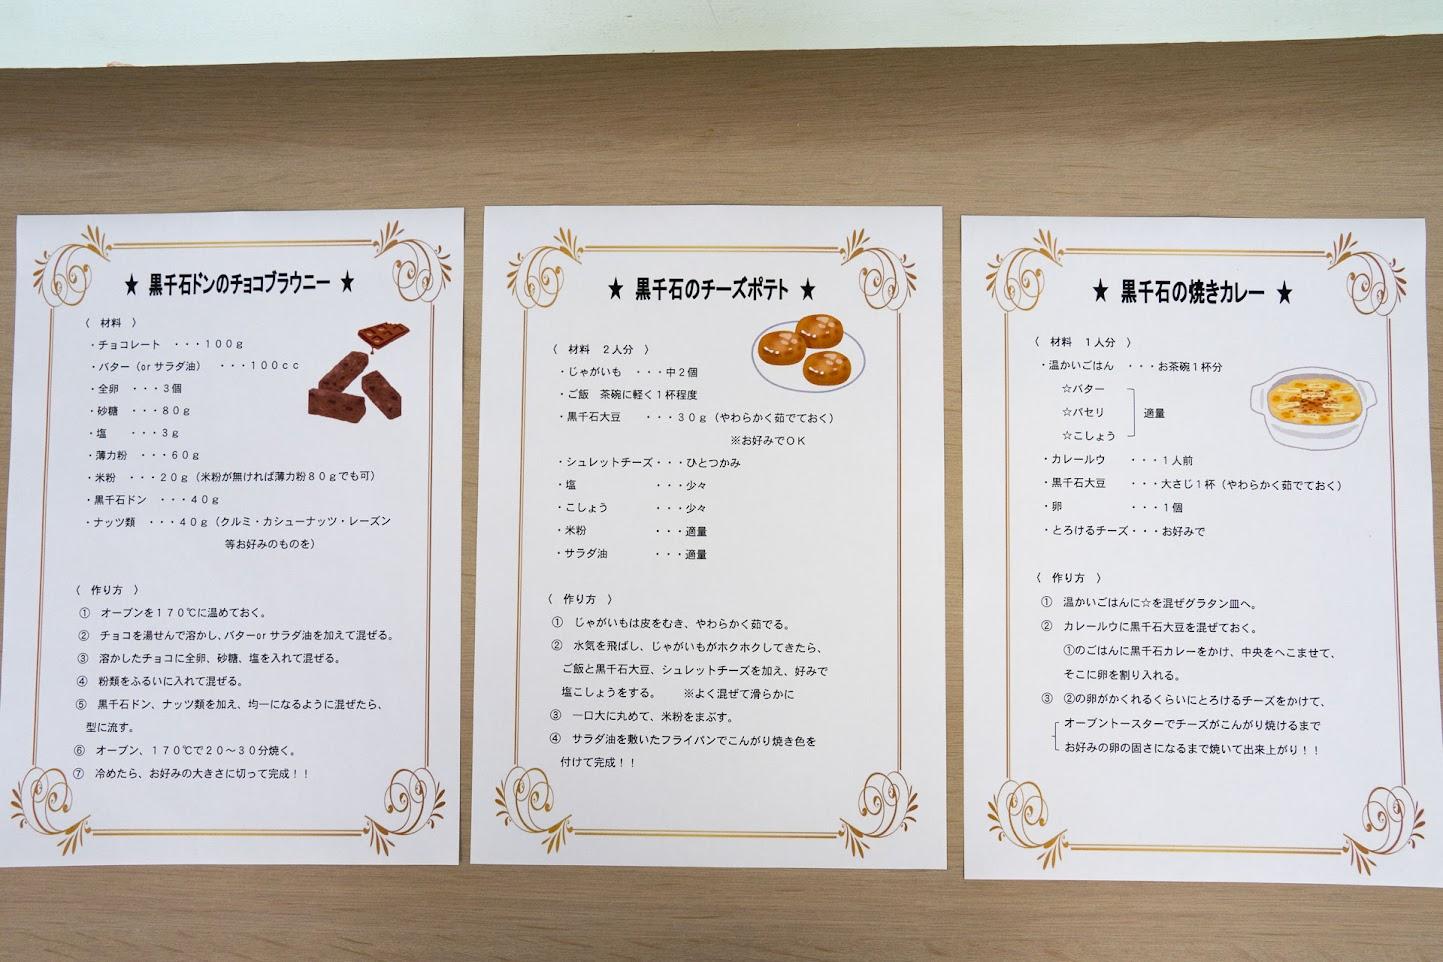 第1回目のクッキング教室レシピ